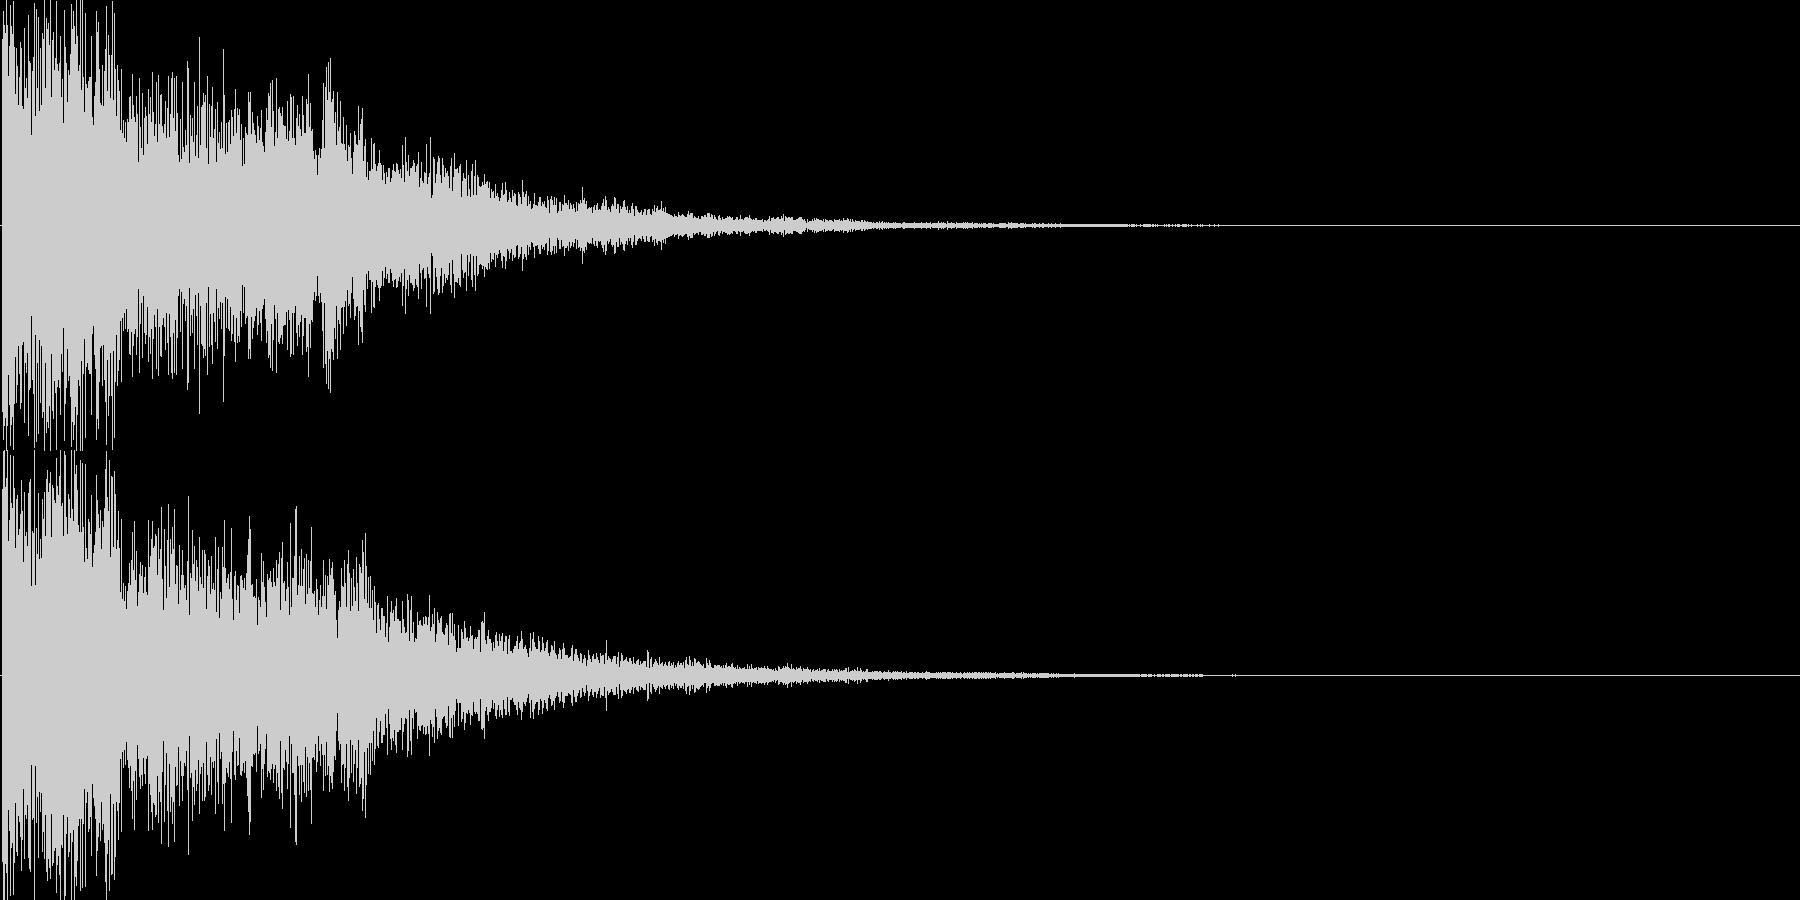 ピコーン(ゲーム、アプリ、決定音)の未再生の波形